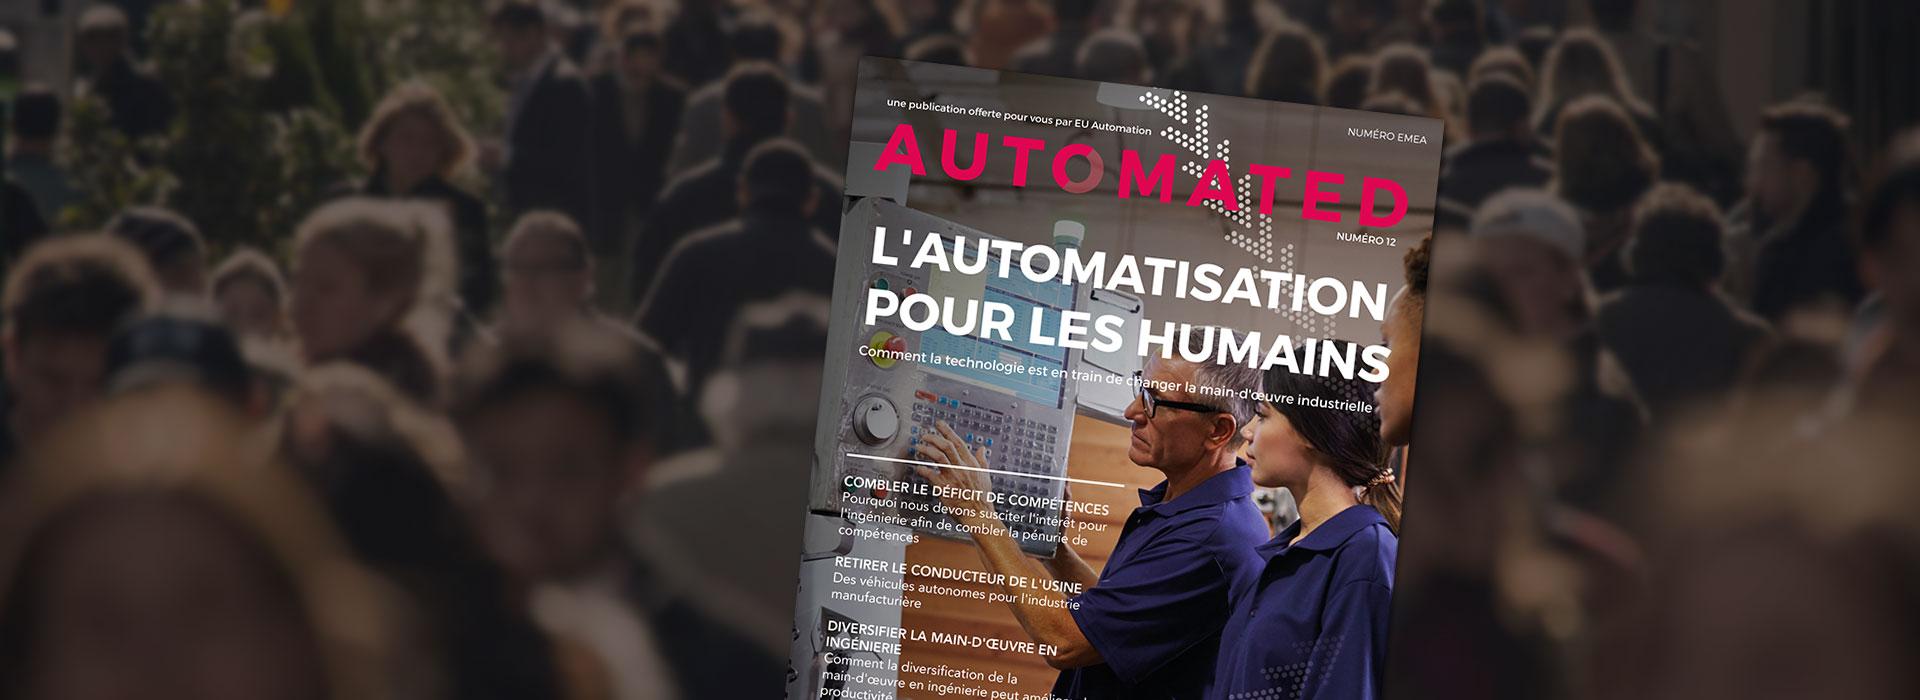 L'automatisation pour les humains